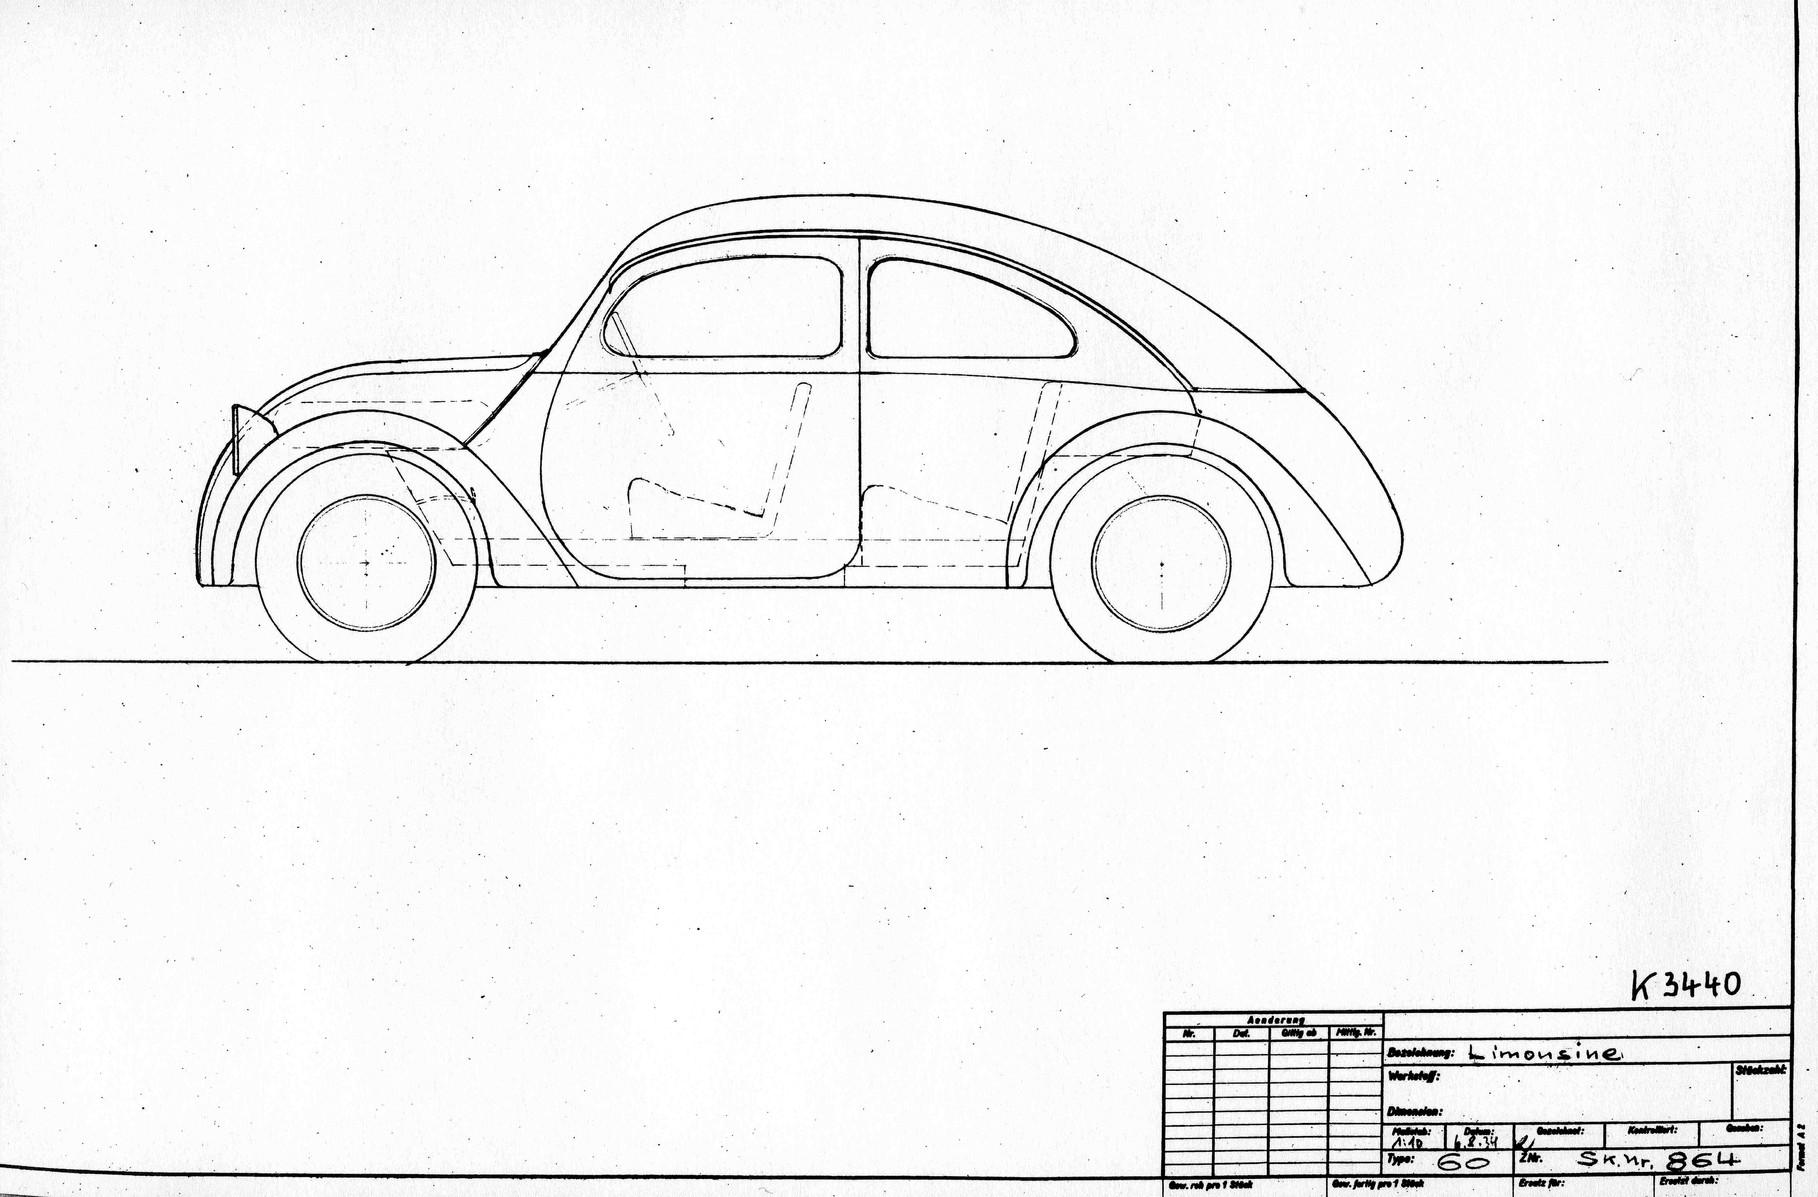 August 1934: Skizze Limousine Typ 60: Karosserie Studie von Erwin Komenda